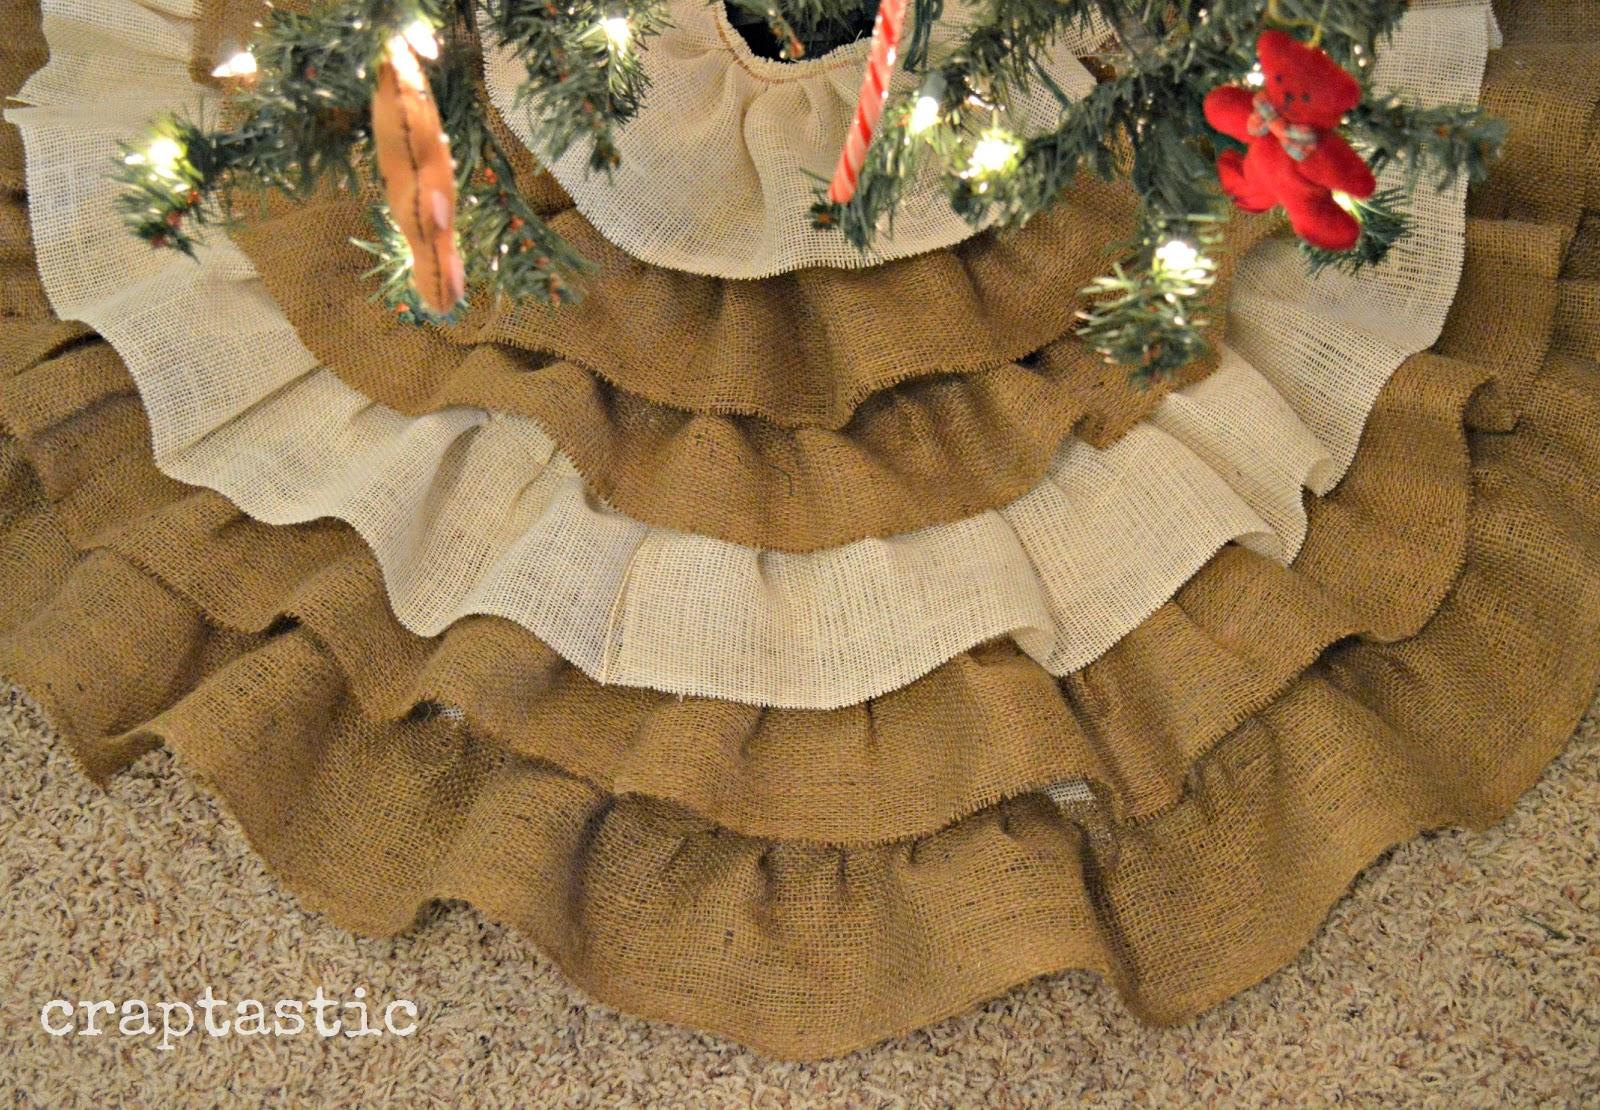 http://2.bp.blogspot.com/-n_d2K89YNXs/UM4cwu2DfaI/AAAAAAAACcw/K-K7zyfqkZQ/s1600/Burlap+Tree+Skirt+%25282%2529.JPG